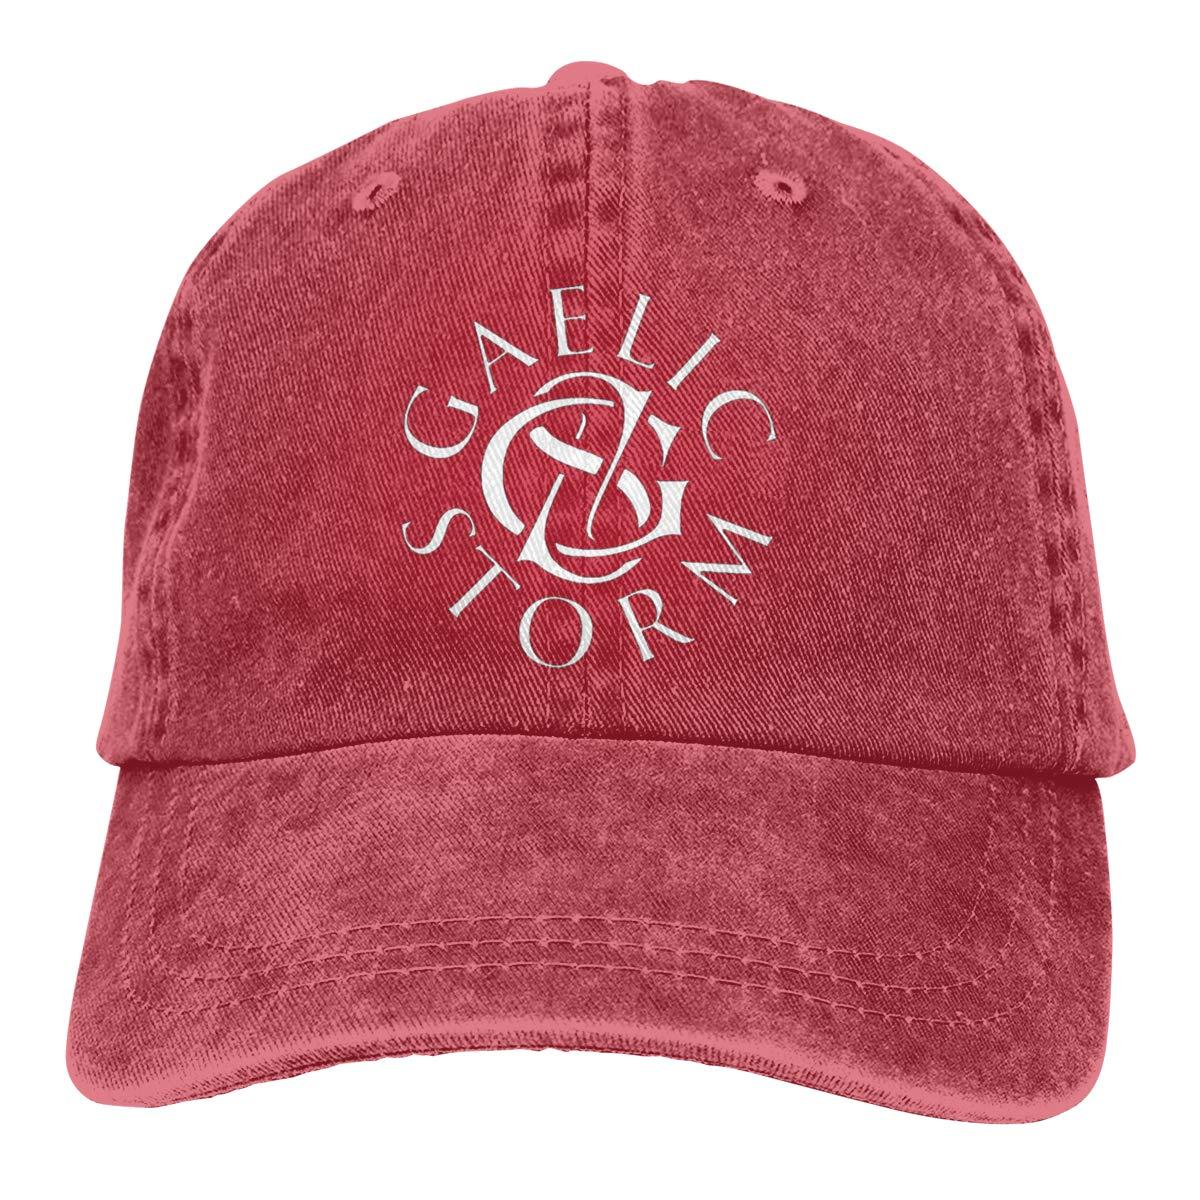 Feeling Unique Gaelic-Storm Vintage Jeans Baseball Cap Classic Cotton Dad Hat Adjustable Plain Cap Black